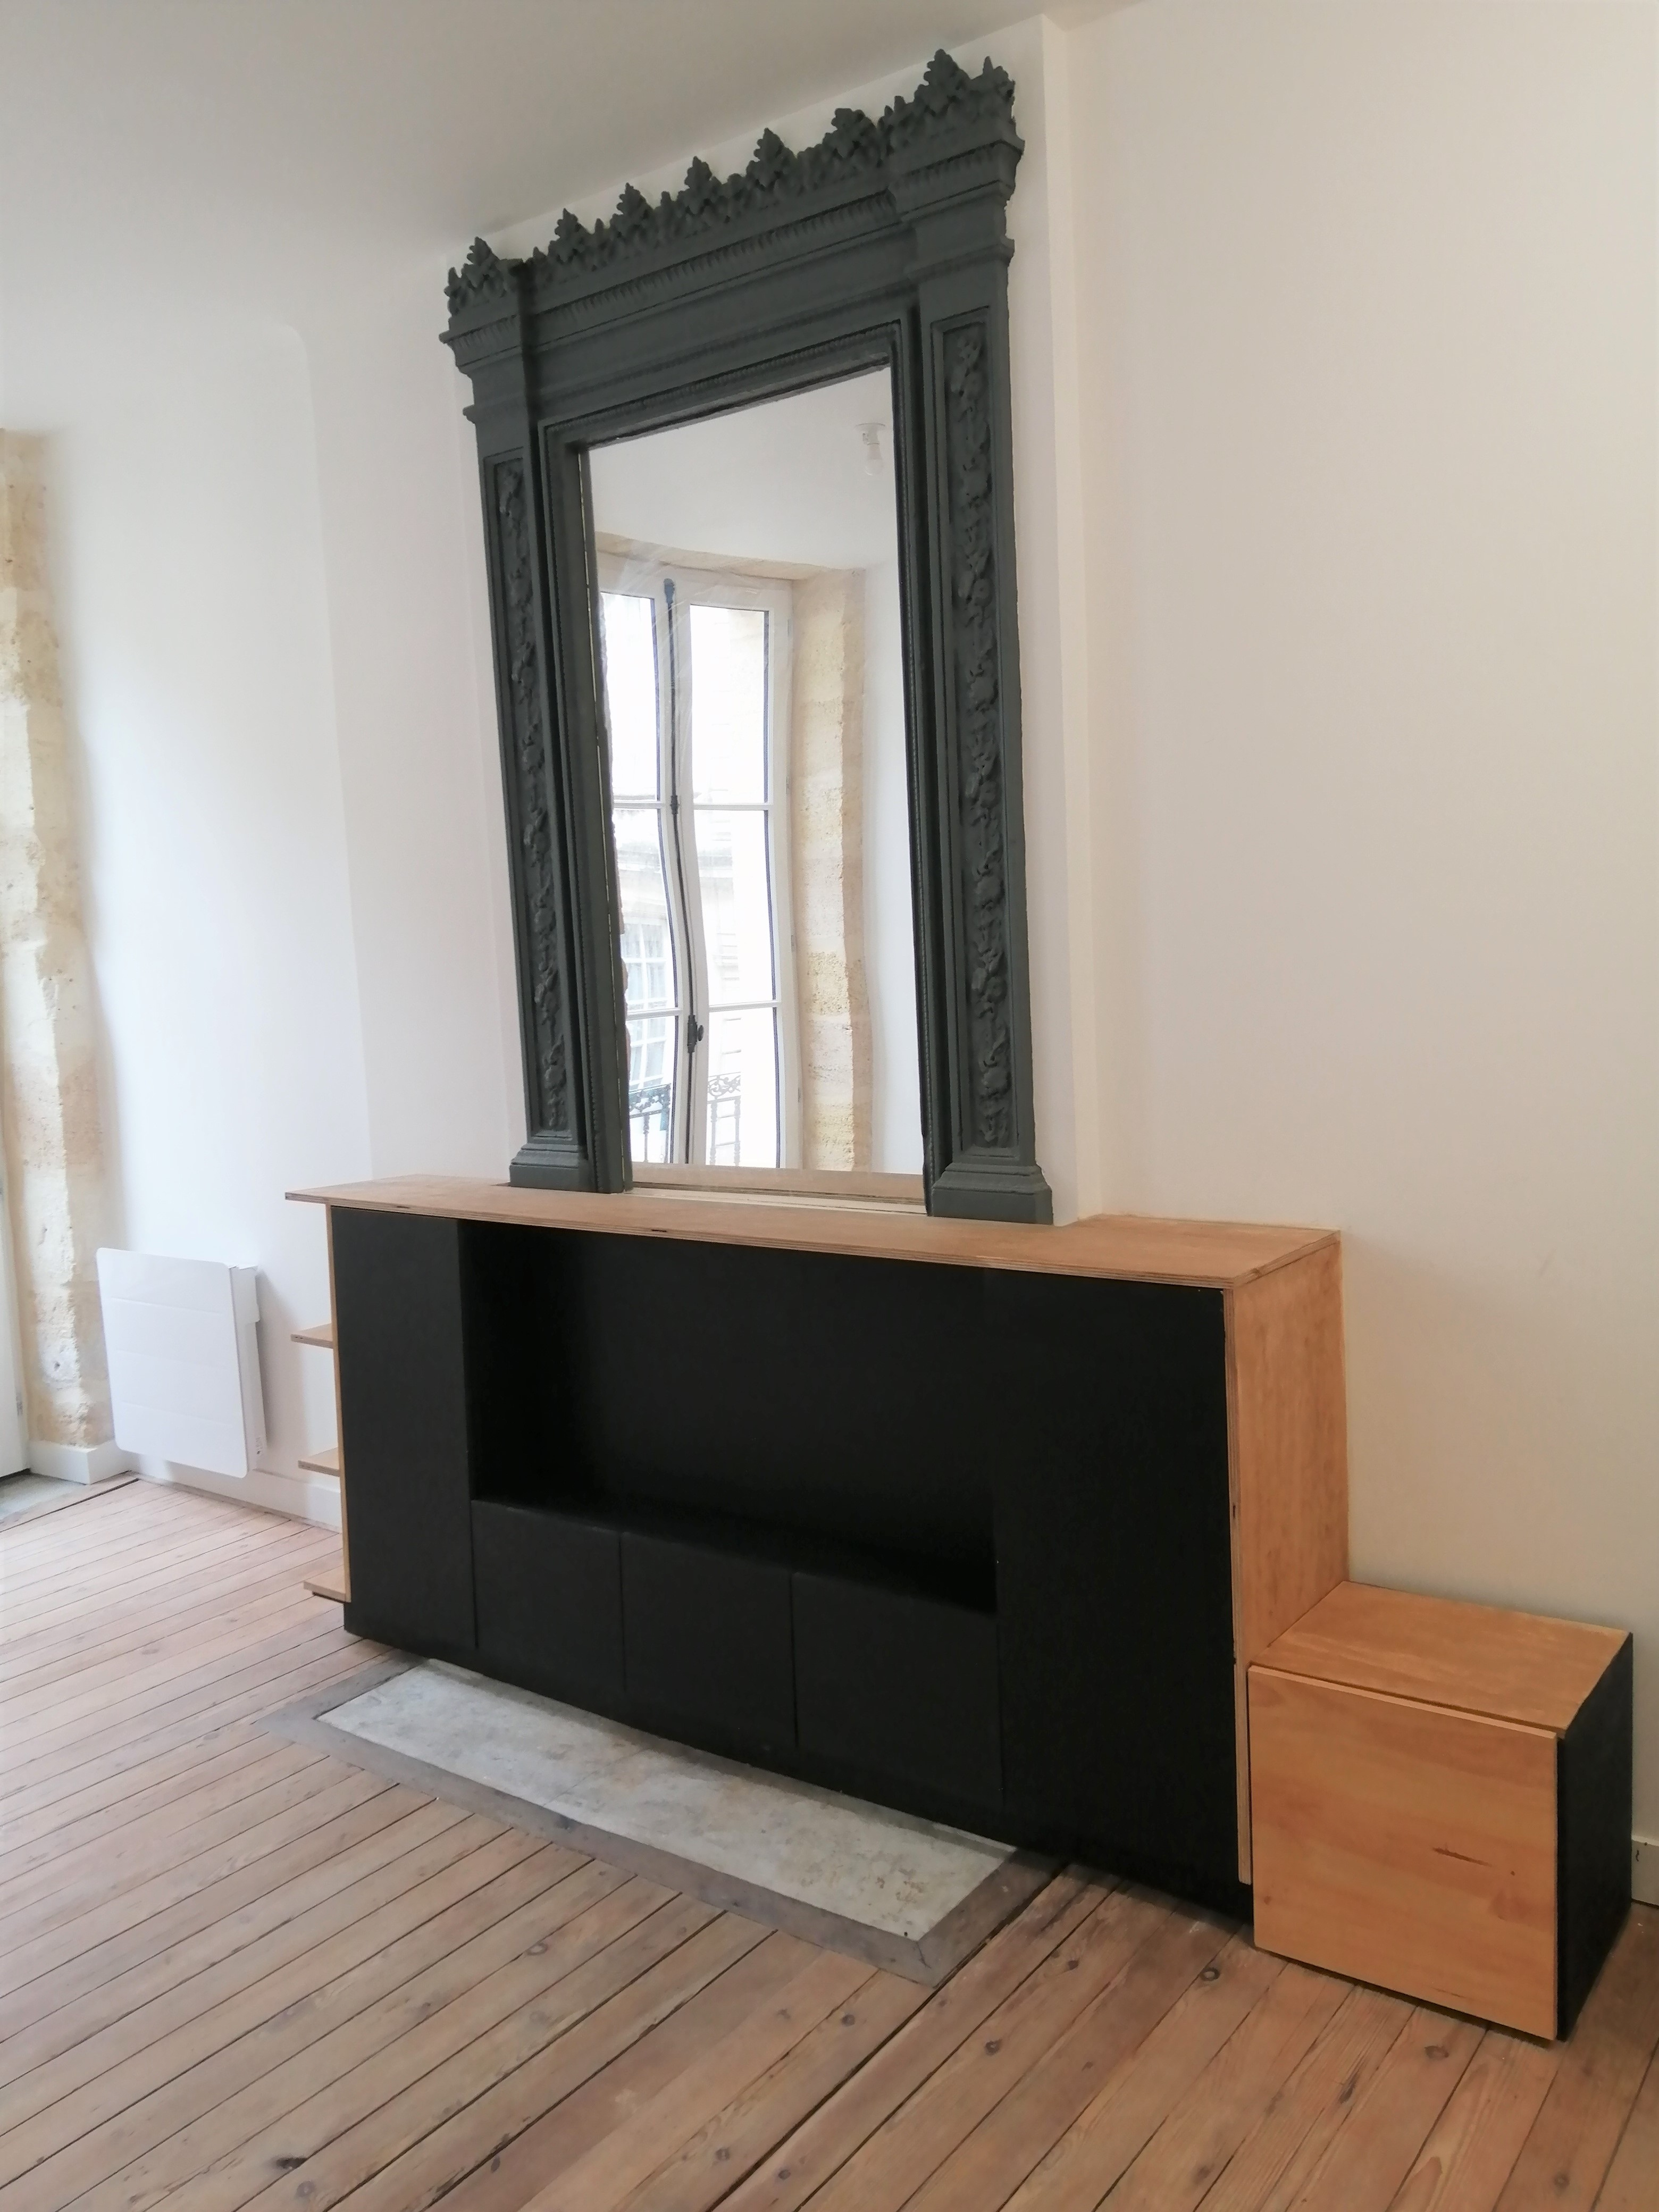 Fabrication d'un meuble TV sur mesure à Bordeaux (33)